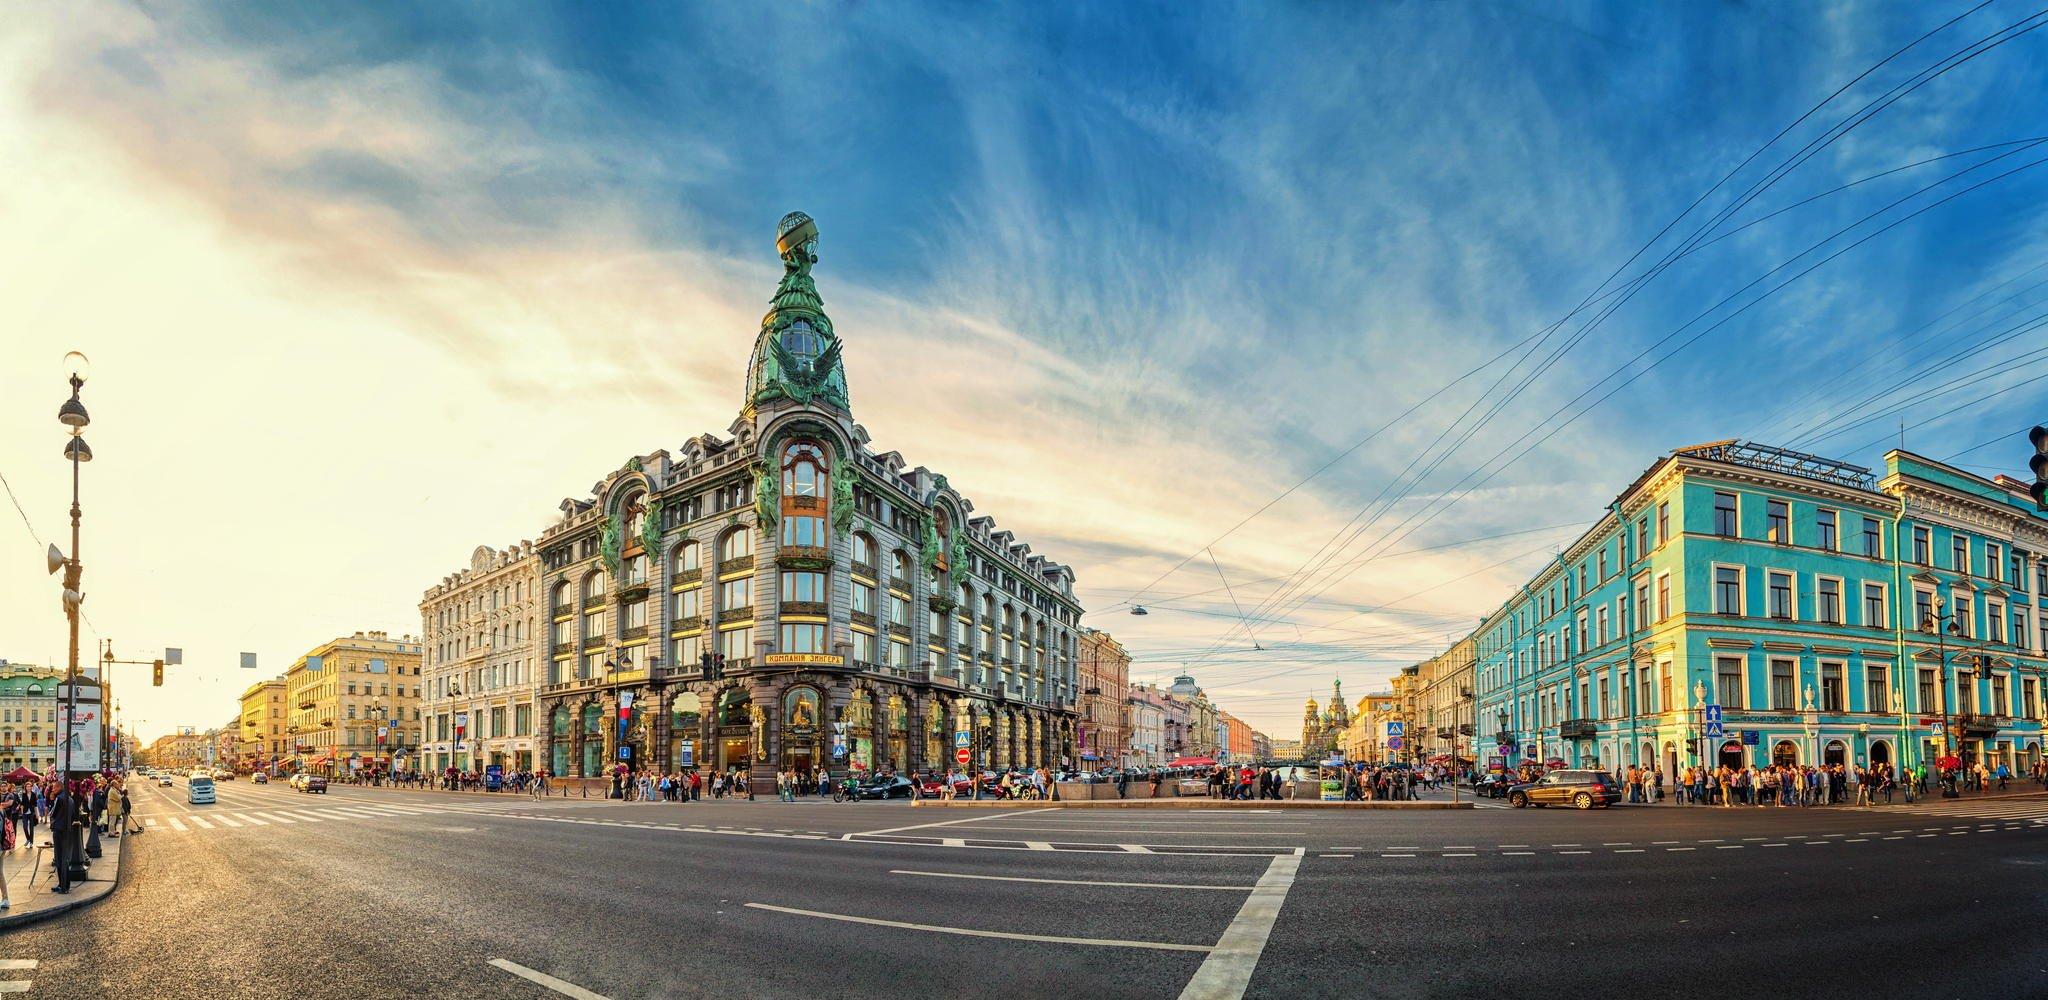 Экономный отдых в Санкт- Петербурге 2018: Цены, проживание, Экскурсии